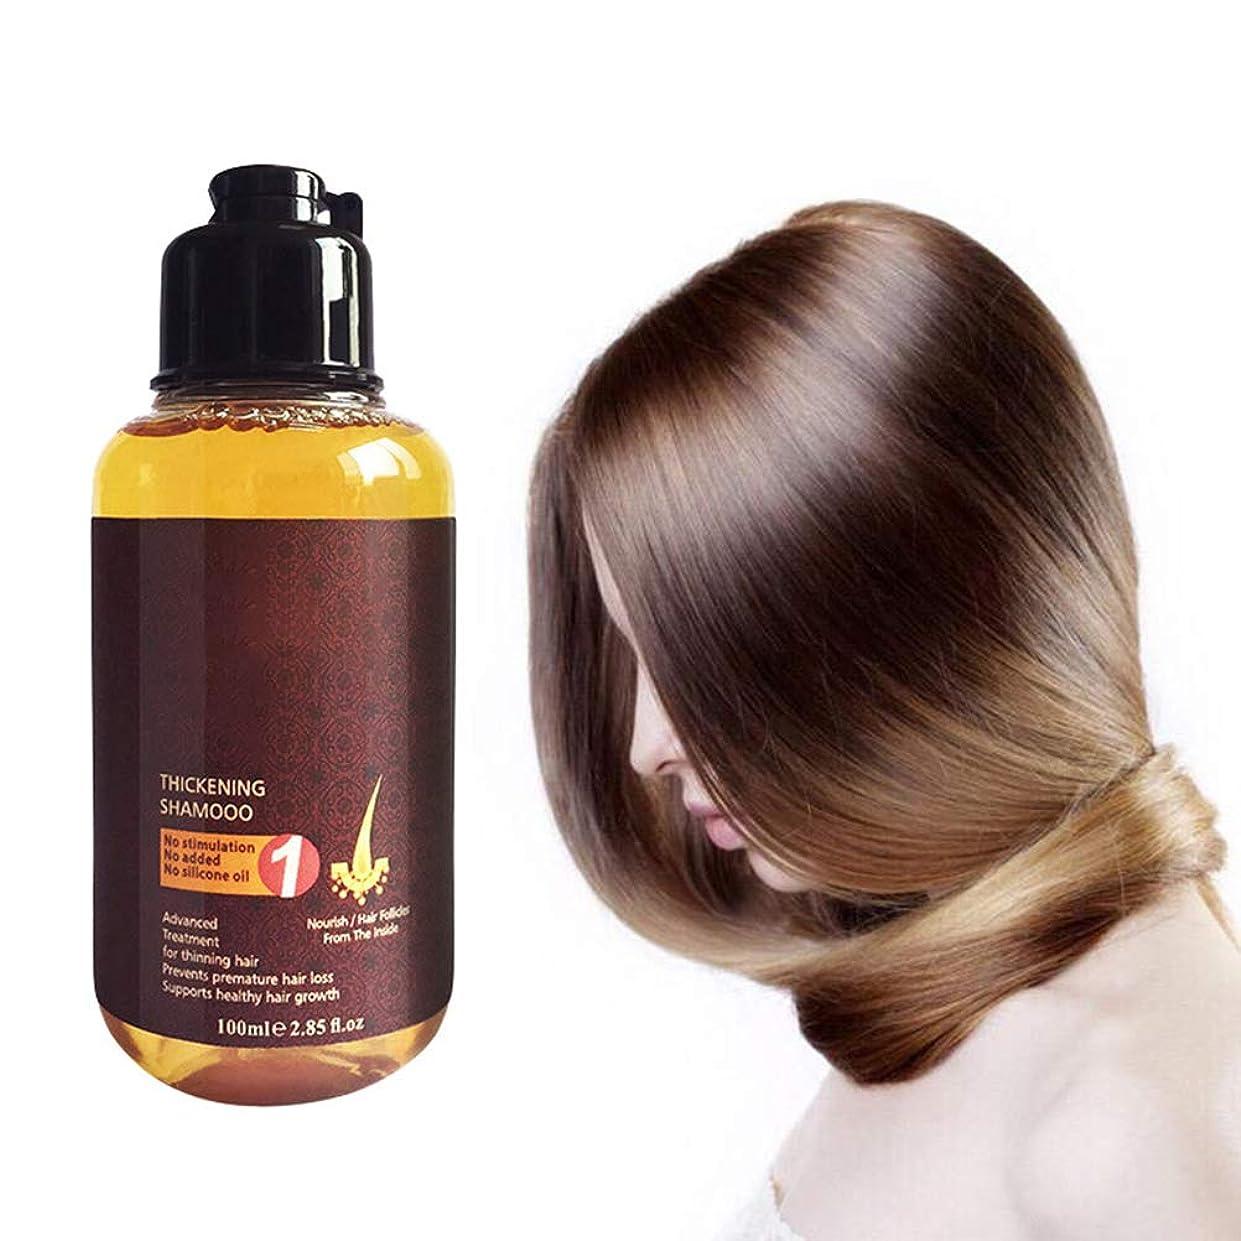 副産物かわすデコードするsupbel ヘアケアエッセンシャルオイル 天然オイル アルガンオイル ヘアケア 栄養補給 モイスチャライザー 保湿 スカルプドライヘア トリートメント やわらか なめらか スプリット 乾燥 傷んだ髪 修復 男女兼用 100ml